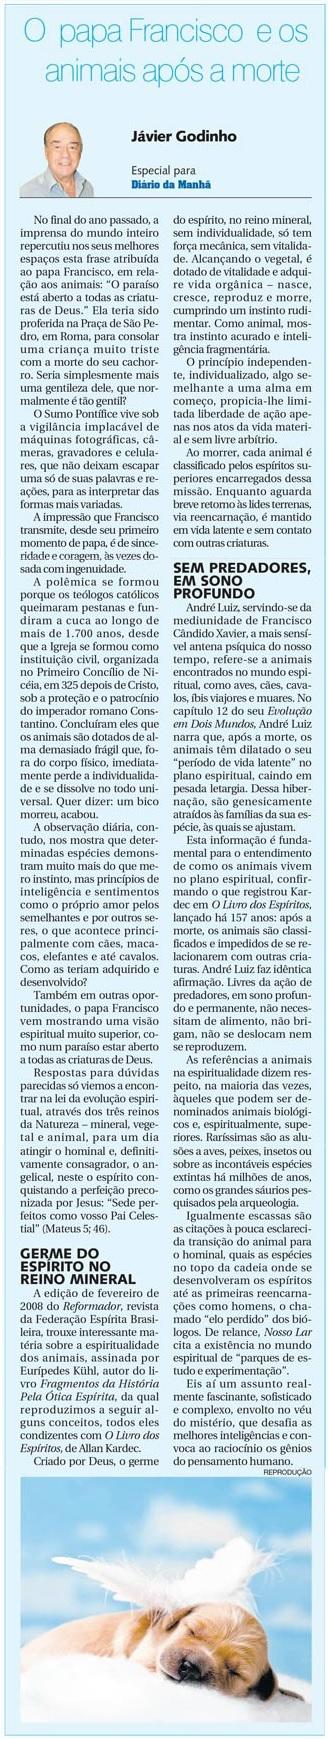 DM 07-01-2015 - O papa Francisco e os animais após a morte - Jávier Godinho